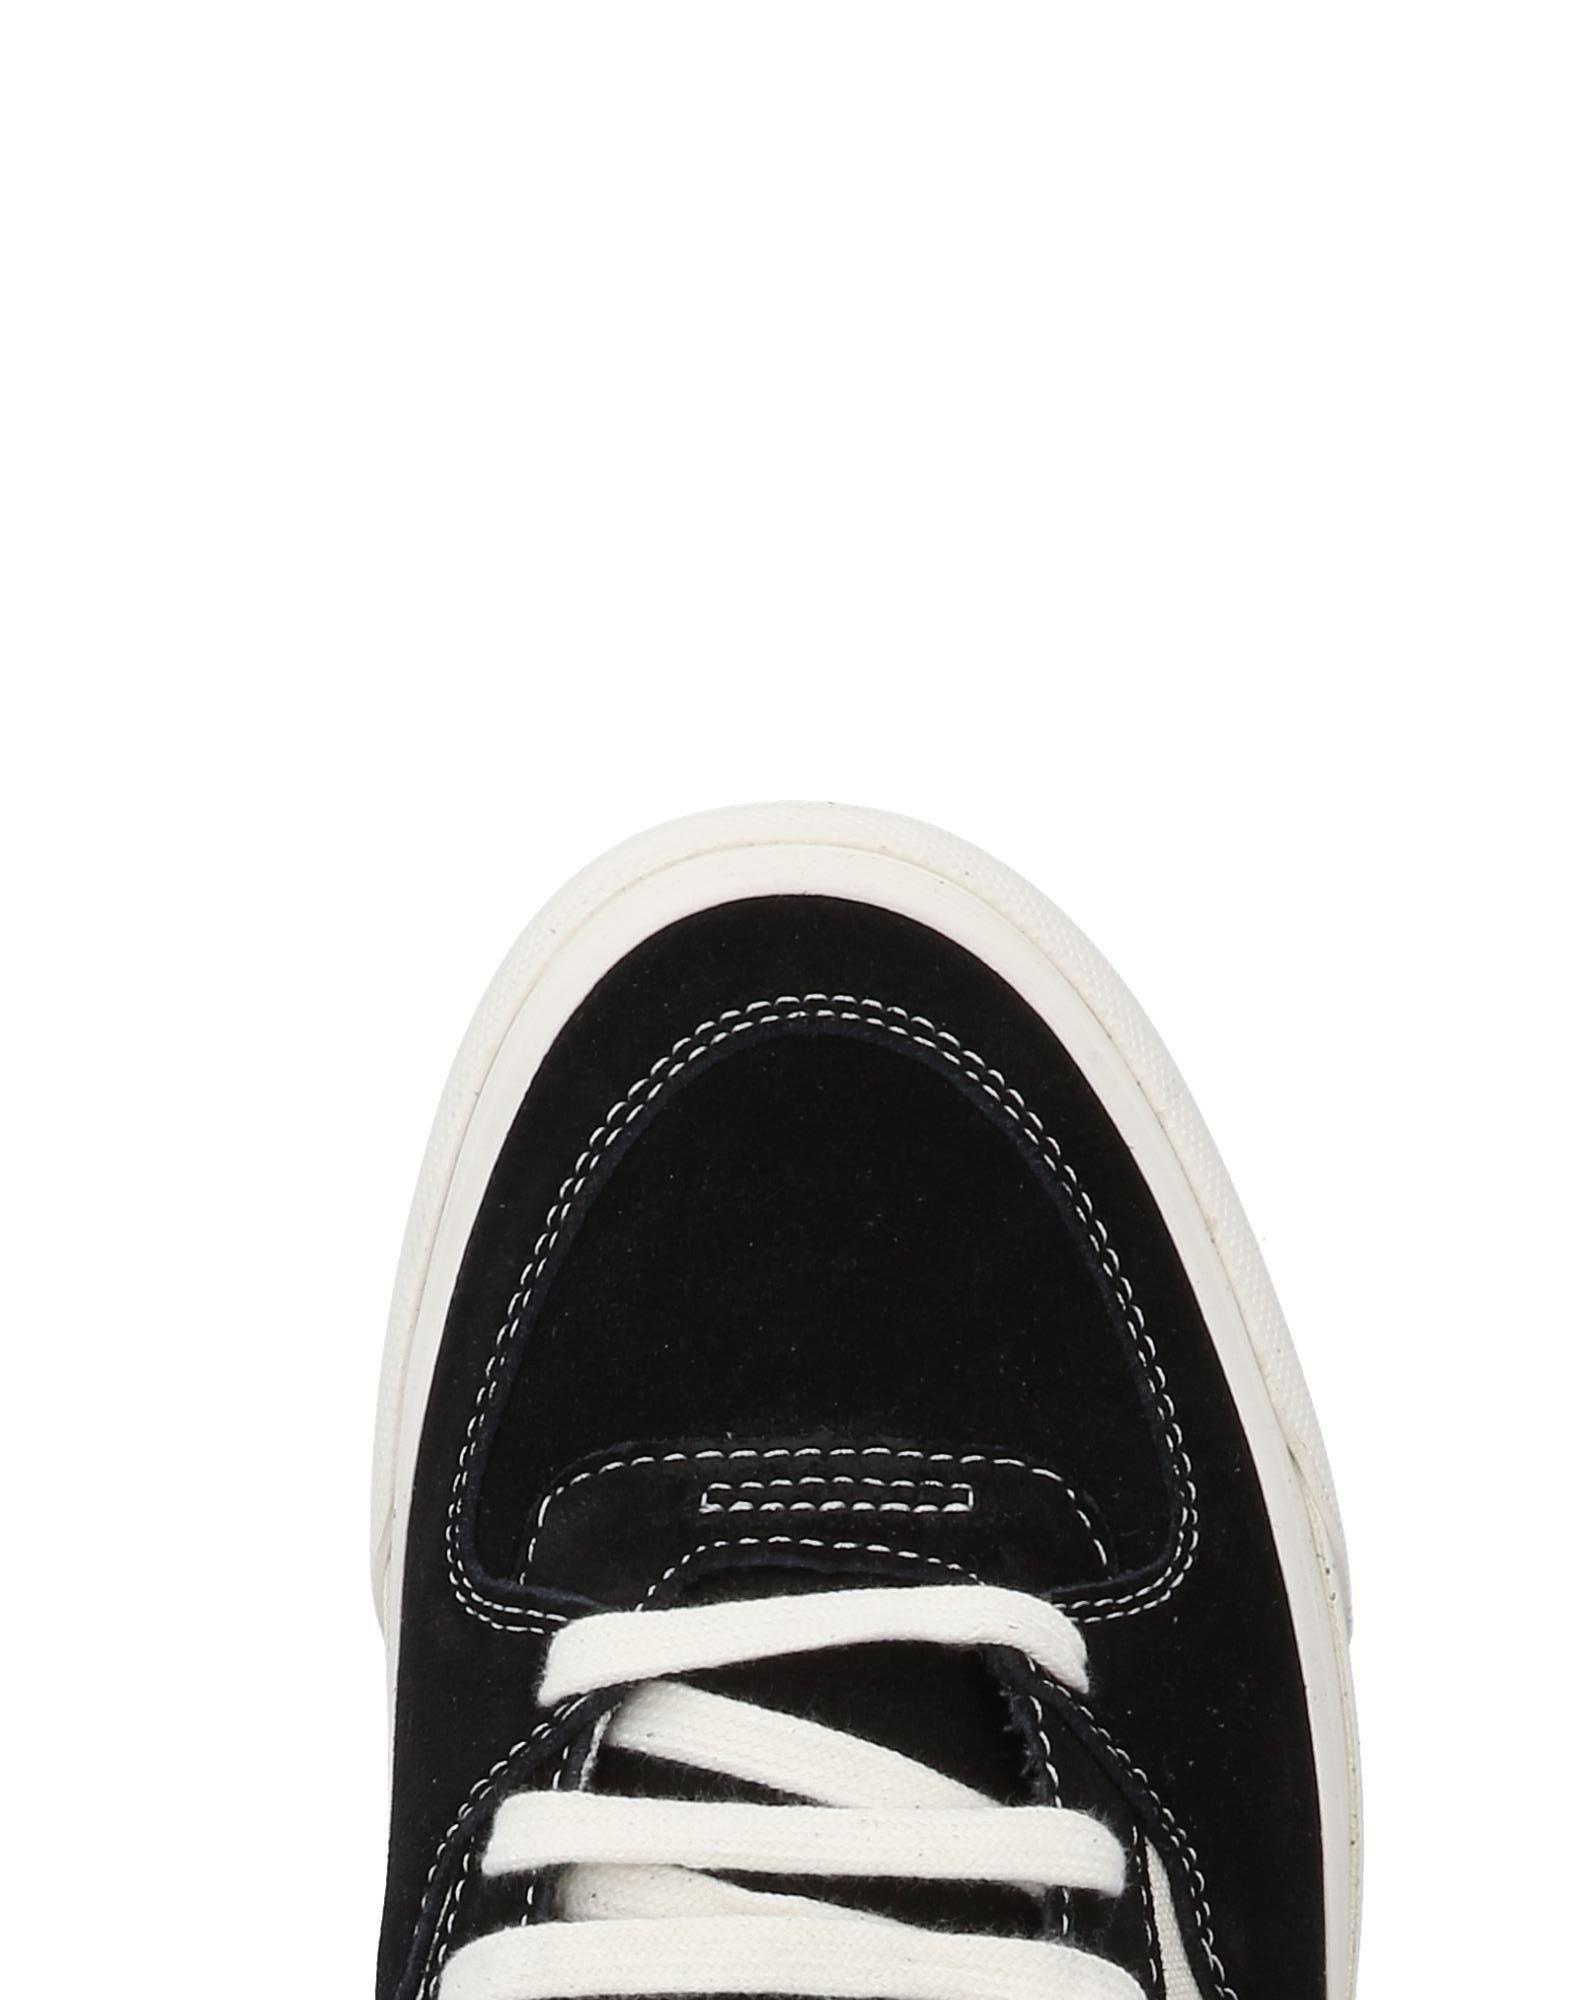 Vans Sneakers Sneakers Vans Damen  11494025UU Gute Qualität beliebte Schuhe e1109b